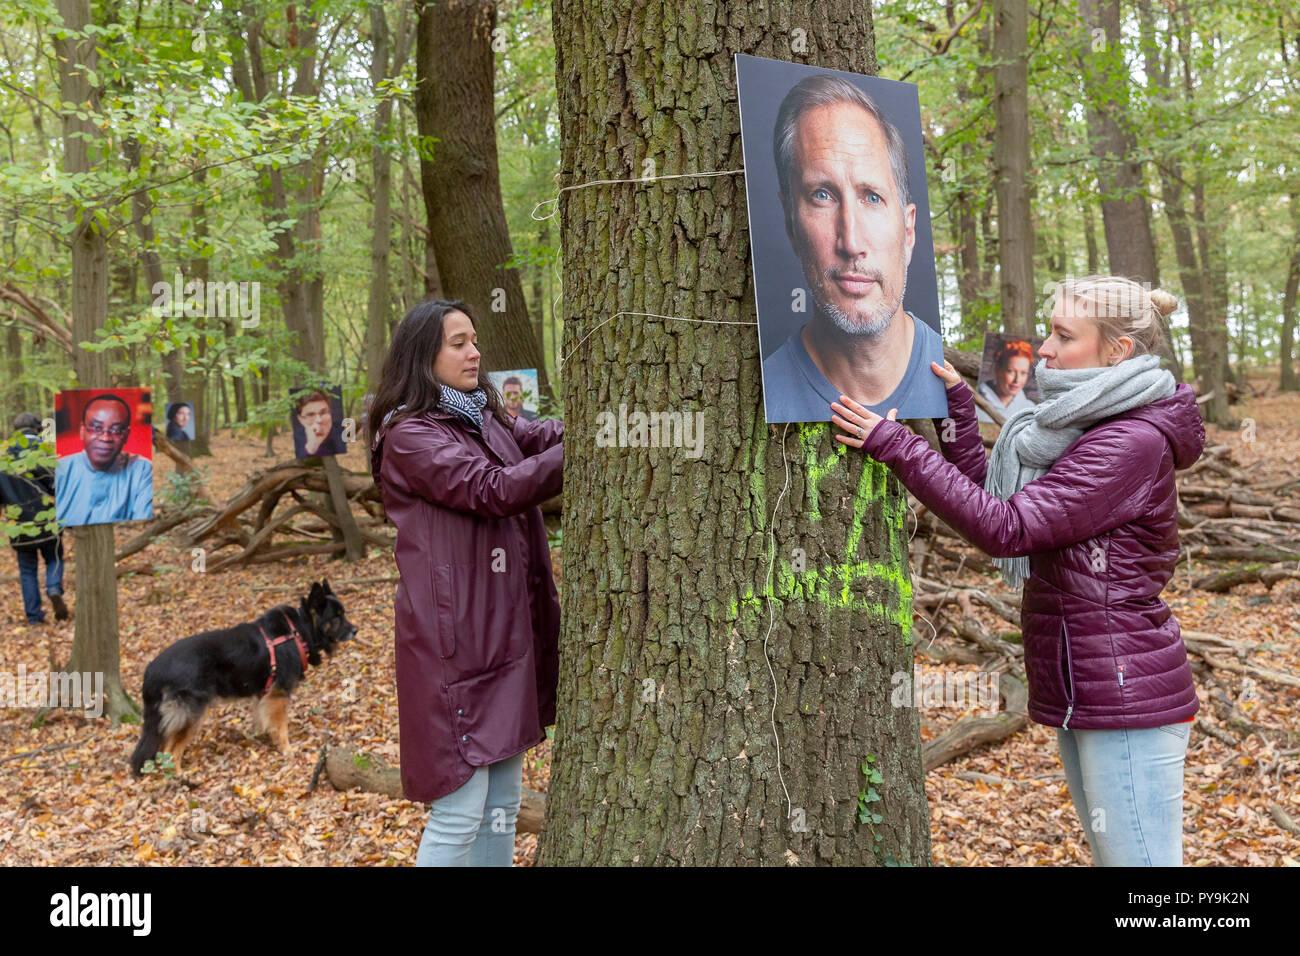 Einen Tag vor dem Besuch der Kohlekommission im rheinischen Revier übernehmen mehr als 60 bekannte Personen des öffentlichen Lebens Baumpatenschaften  - Stock Image